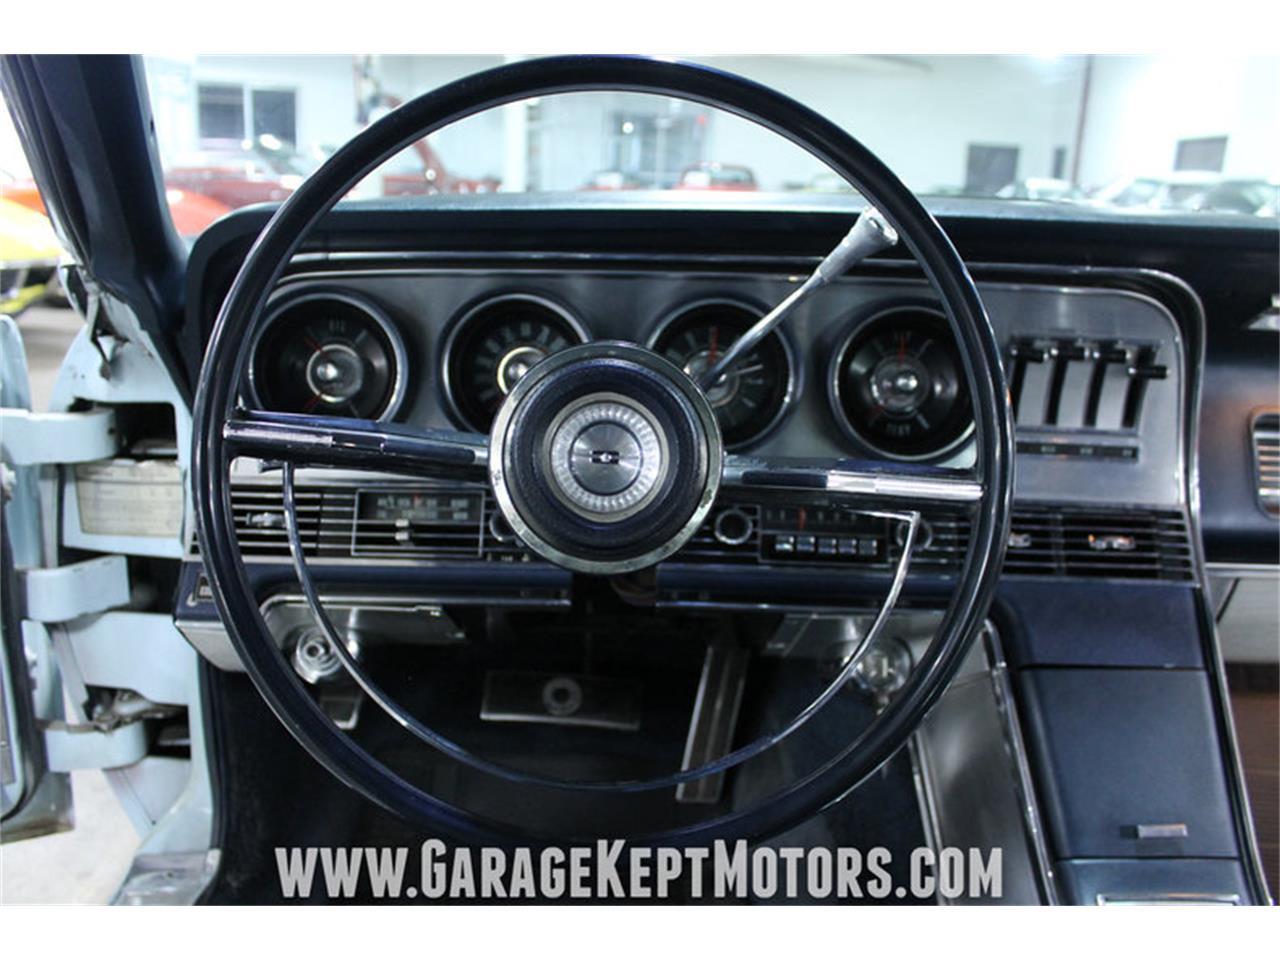 Large Picture of Classic 1967 Thunderbird 2-Door Landau located in Grand Rapids Michigan - $11,900.00 - LU7P